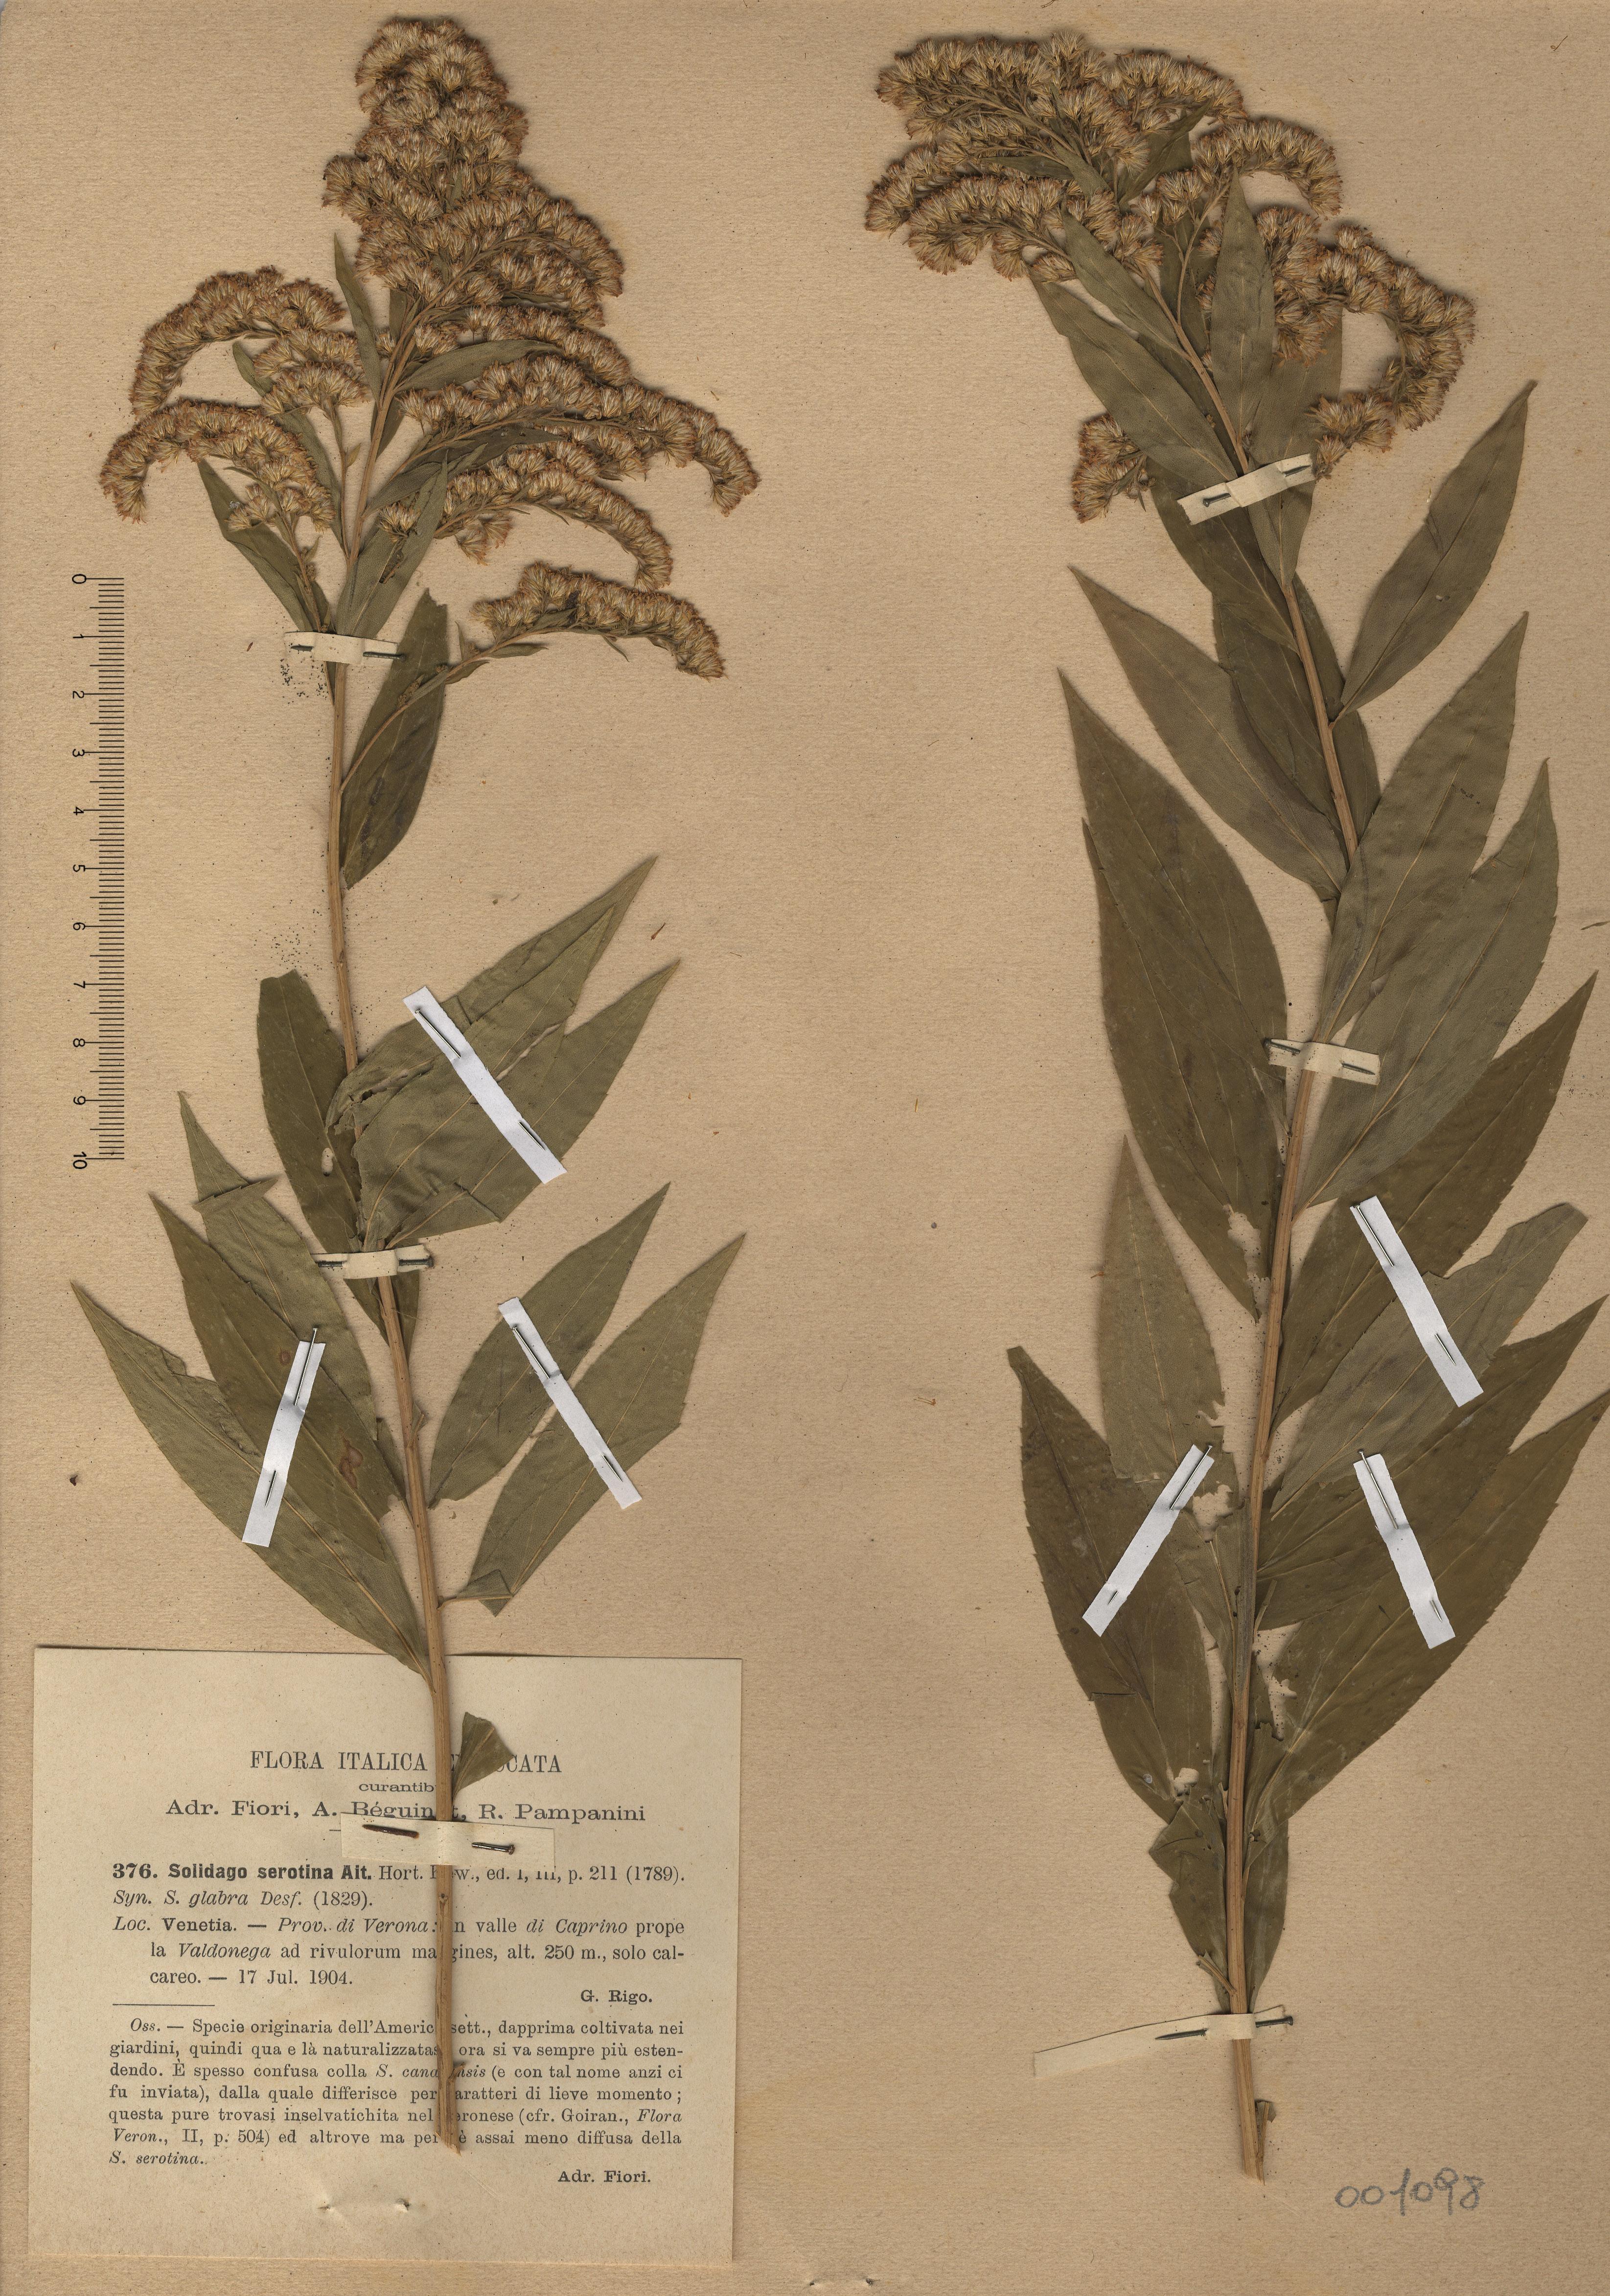 © Hortus Botanicus Catinensis - Herb. sheet 001098<br>